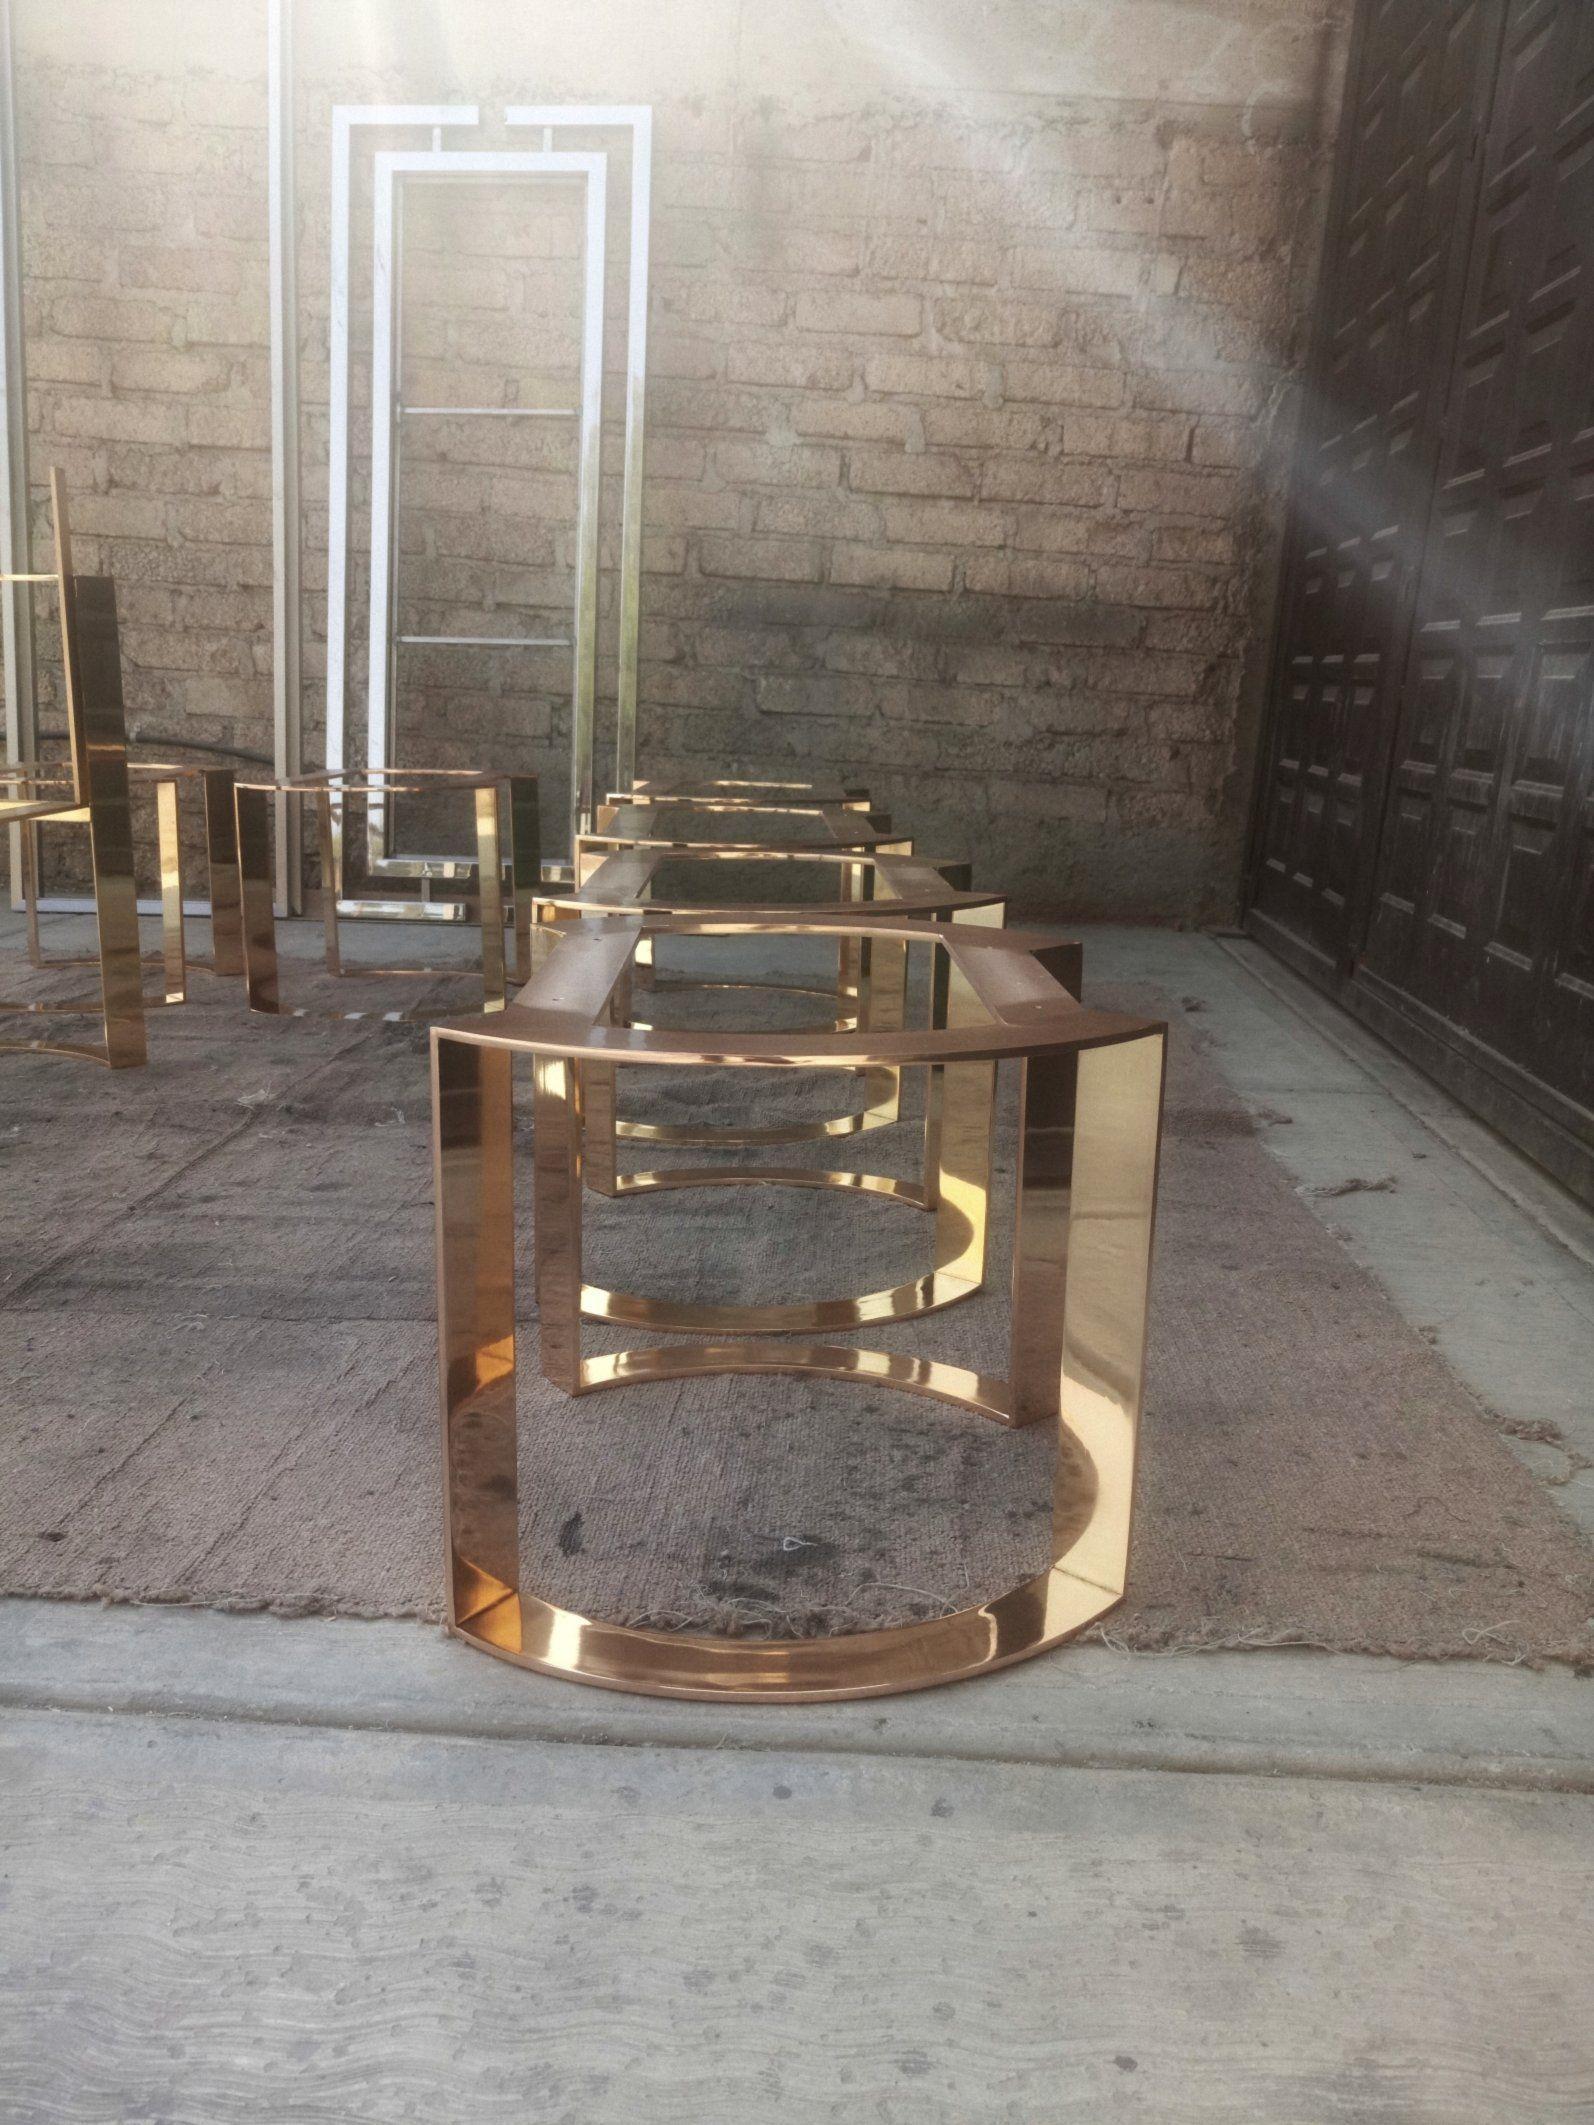 Estructuras para banco. Acabado baño de bronce espejo